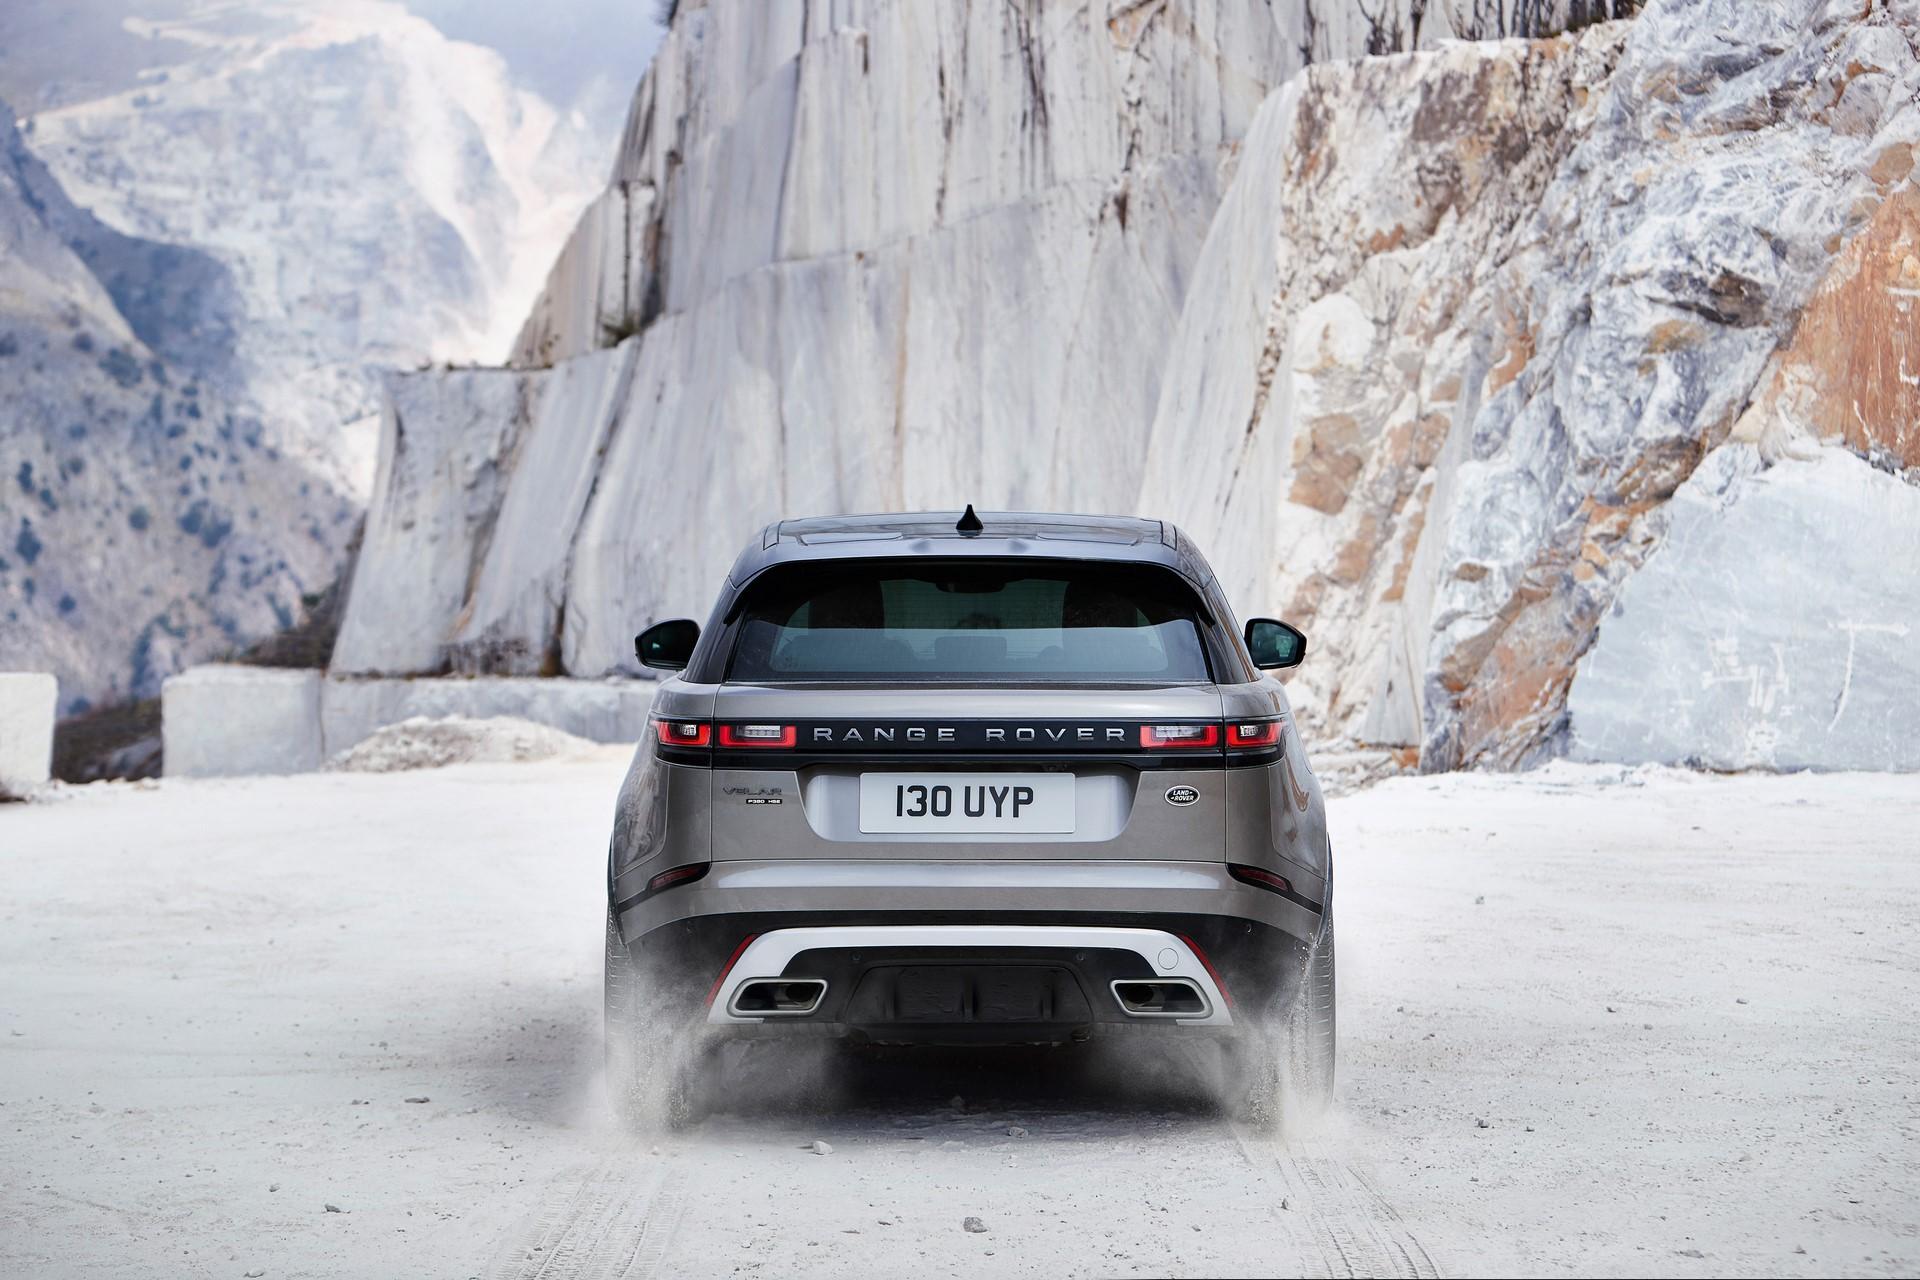 Range Rover Velar 2017 (53)